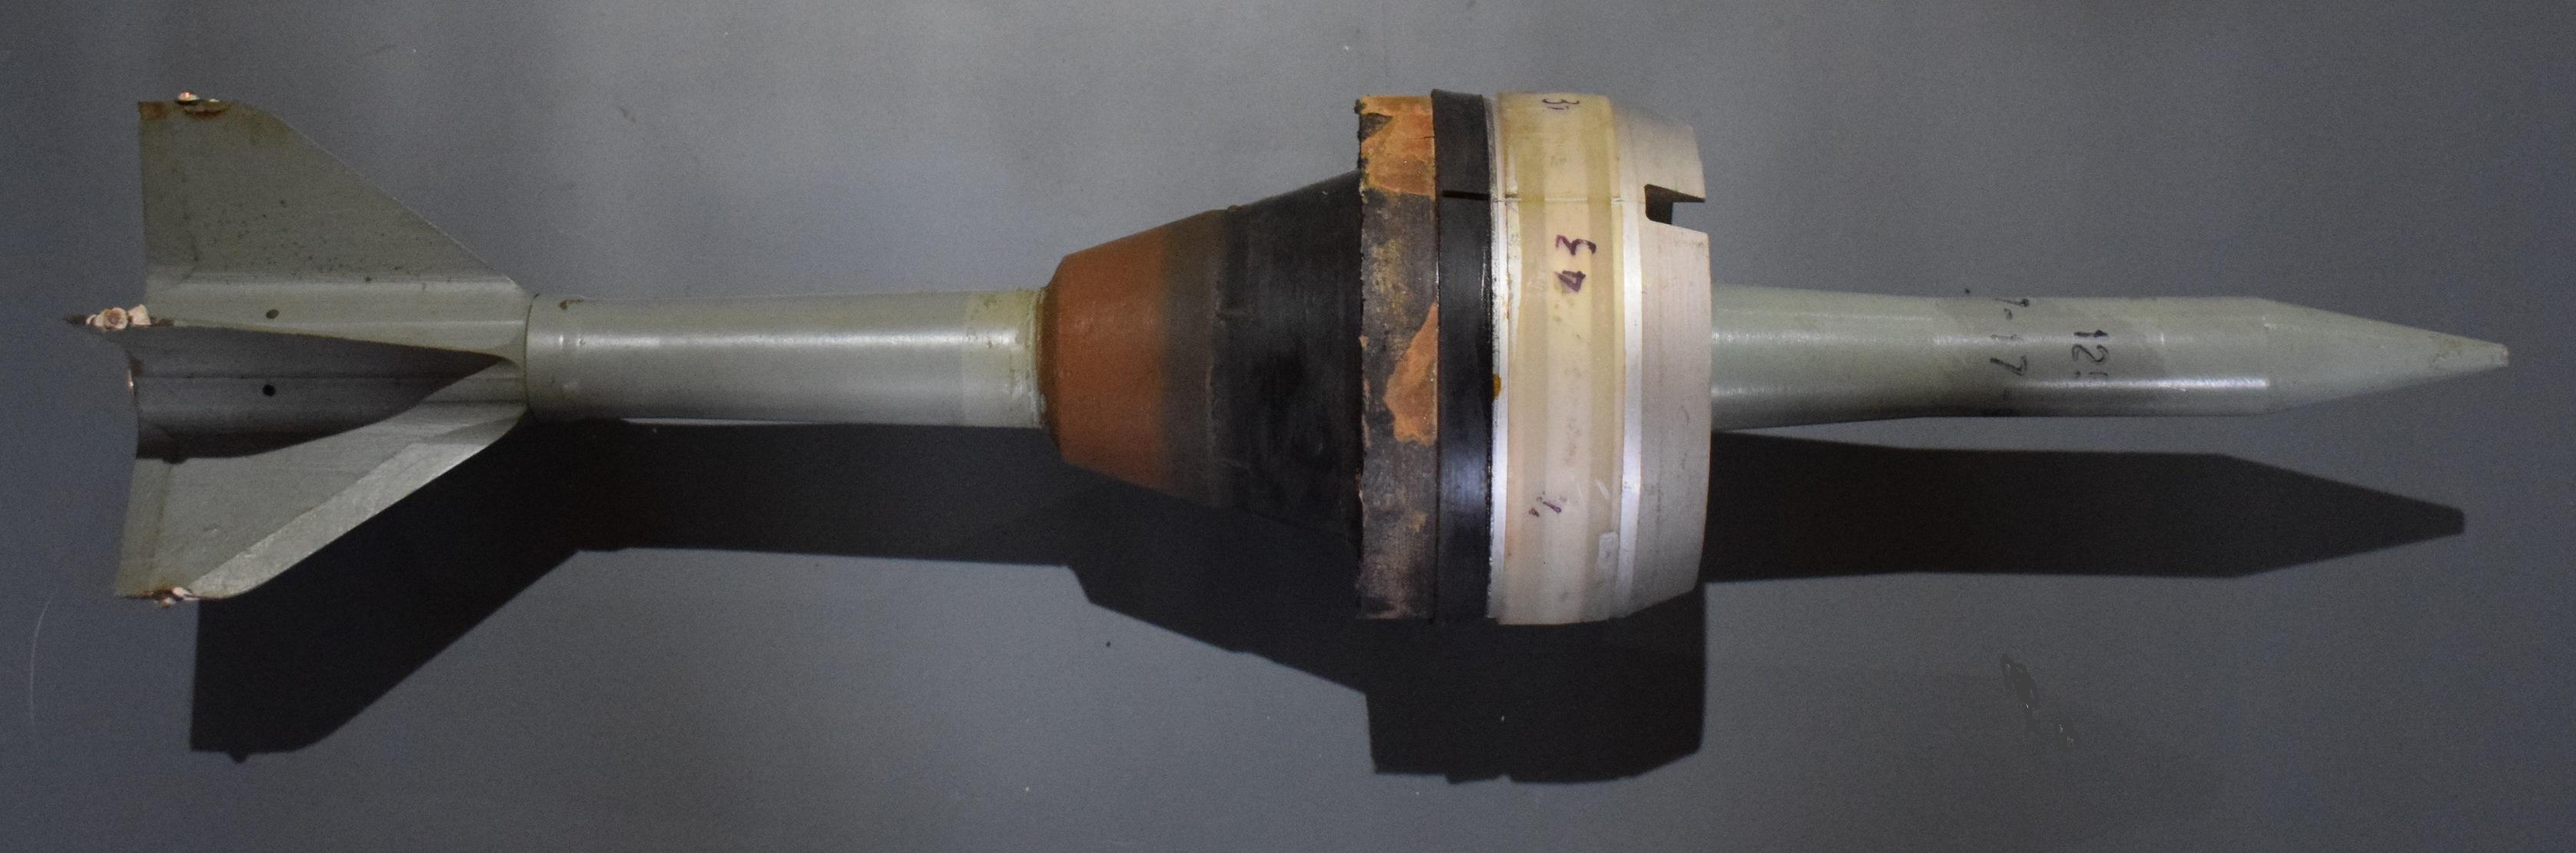 Снаряд підкаліберний бронебійний до танкової  гармати калібру 125 мм. З ведучим пристроєм.